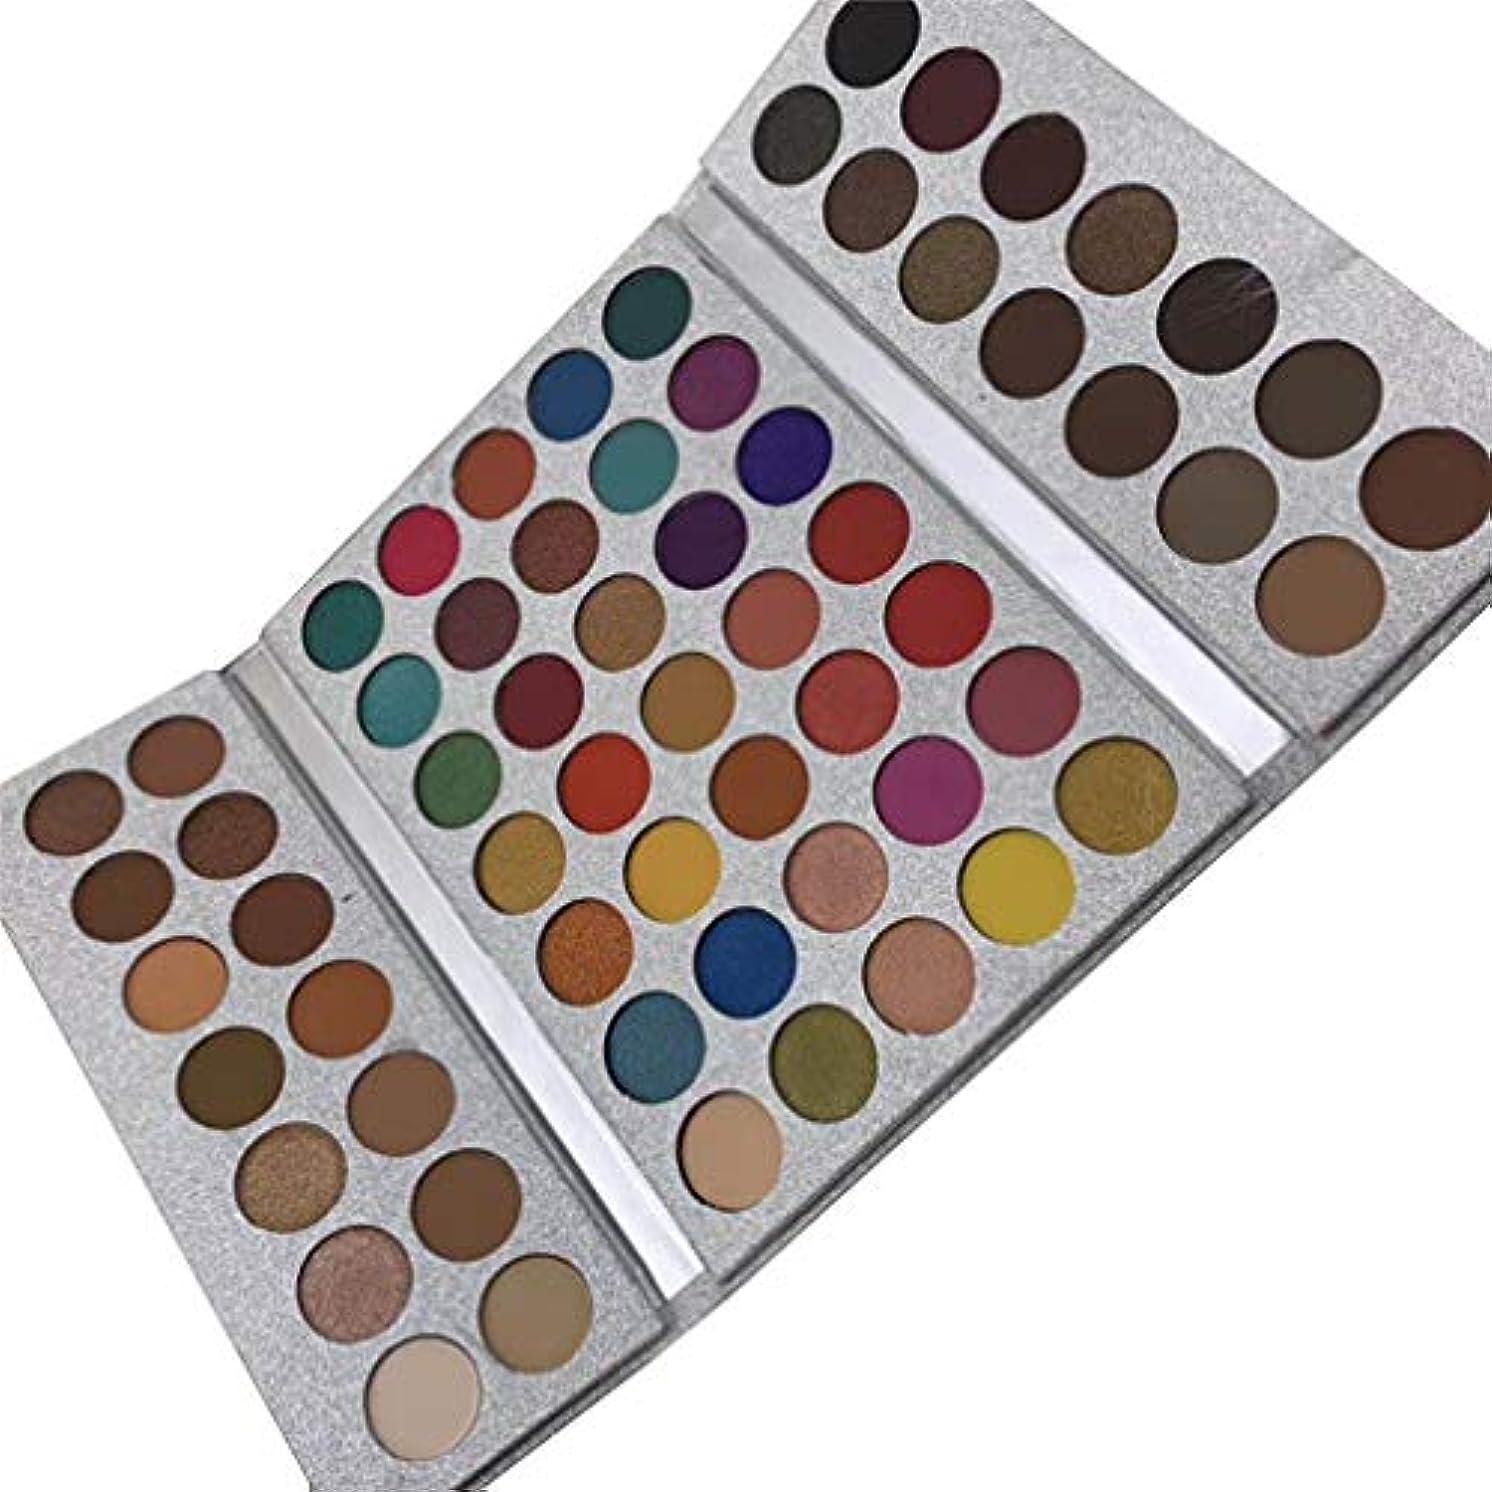 遺伝子モス動詞64色のハイグロスマットアイシャドウグリッターアイシャドウ防水顔料ラスティングアイシャドウアイメイク化粧品